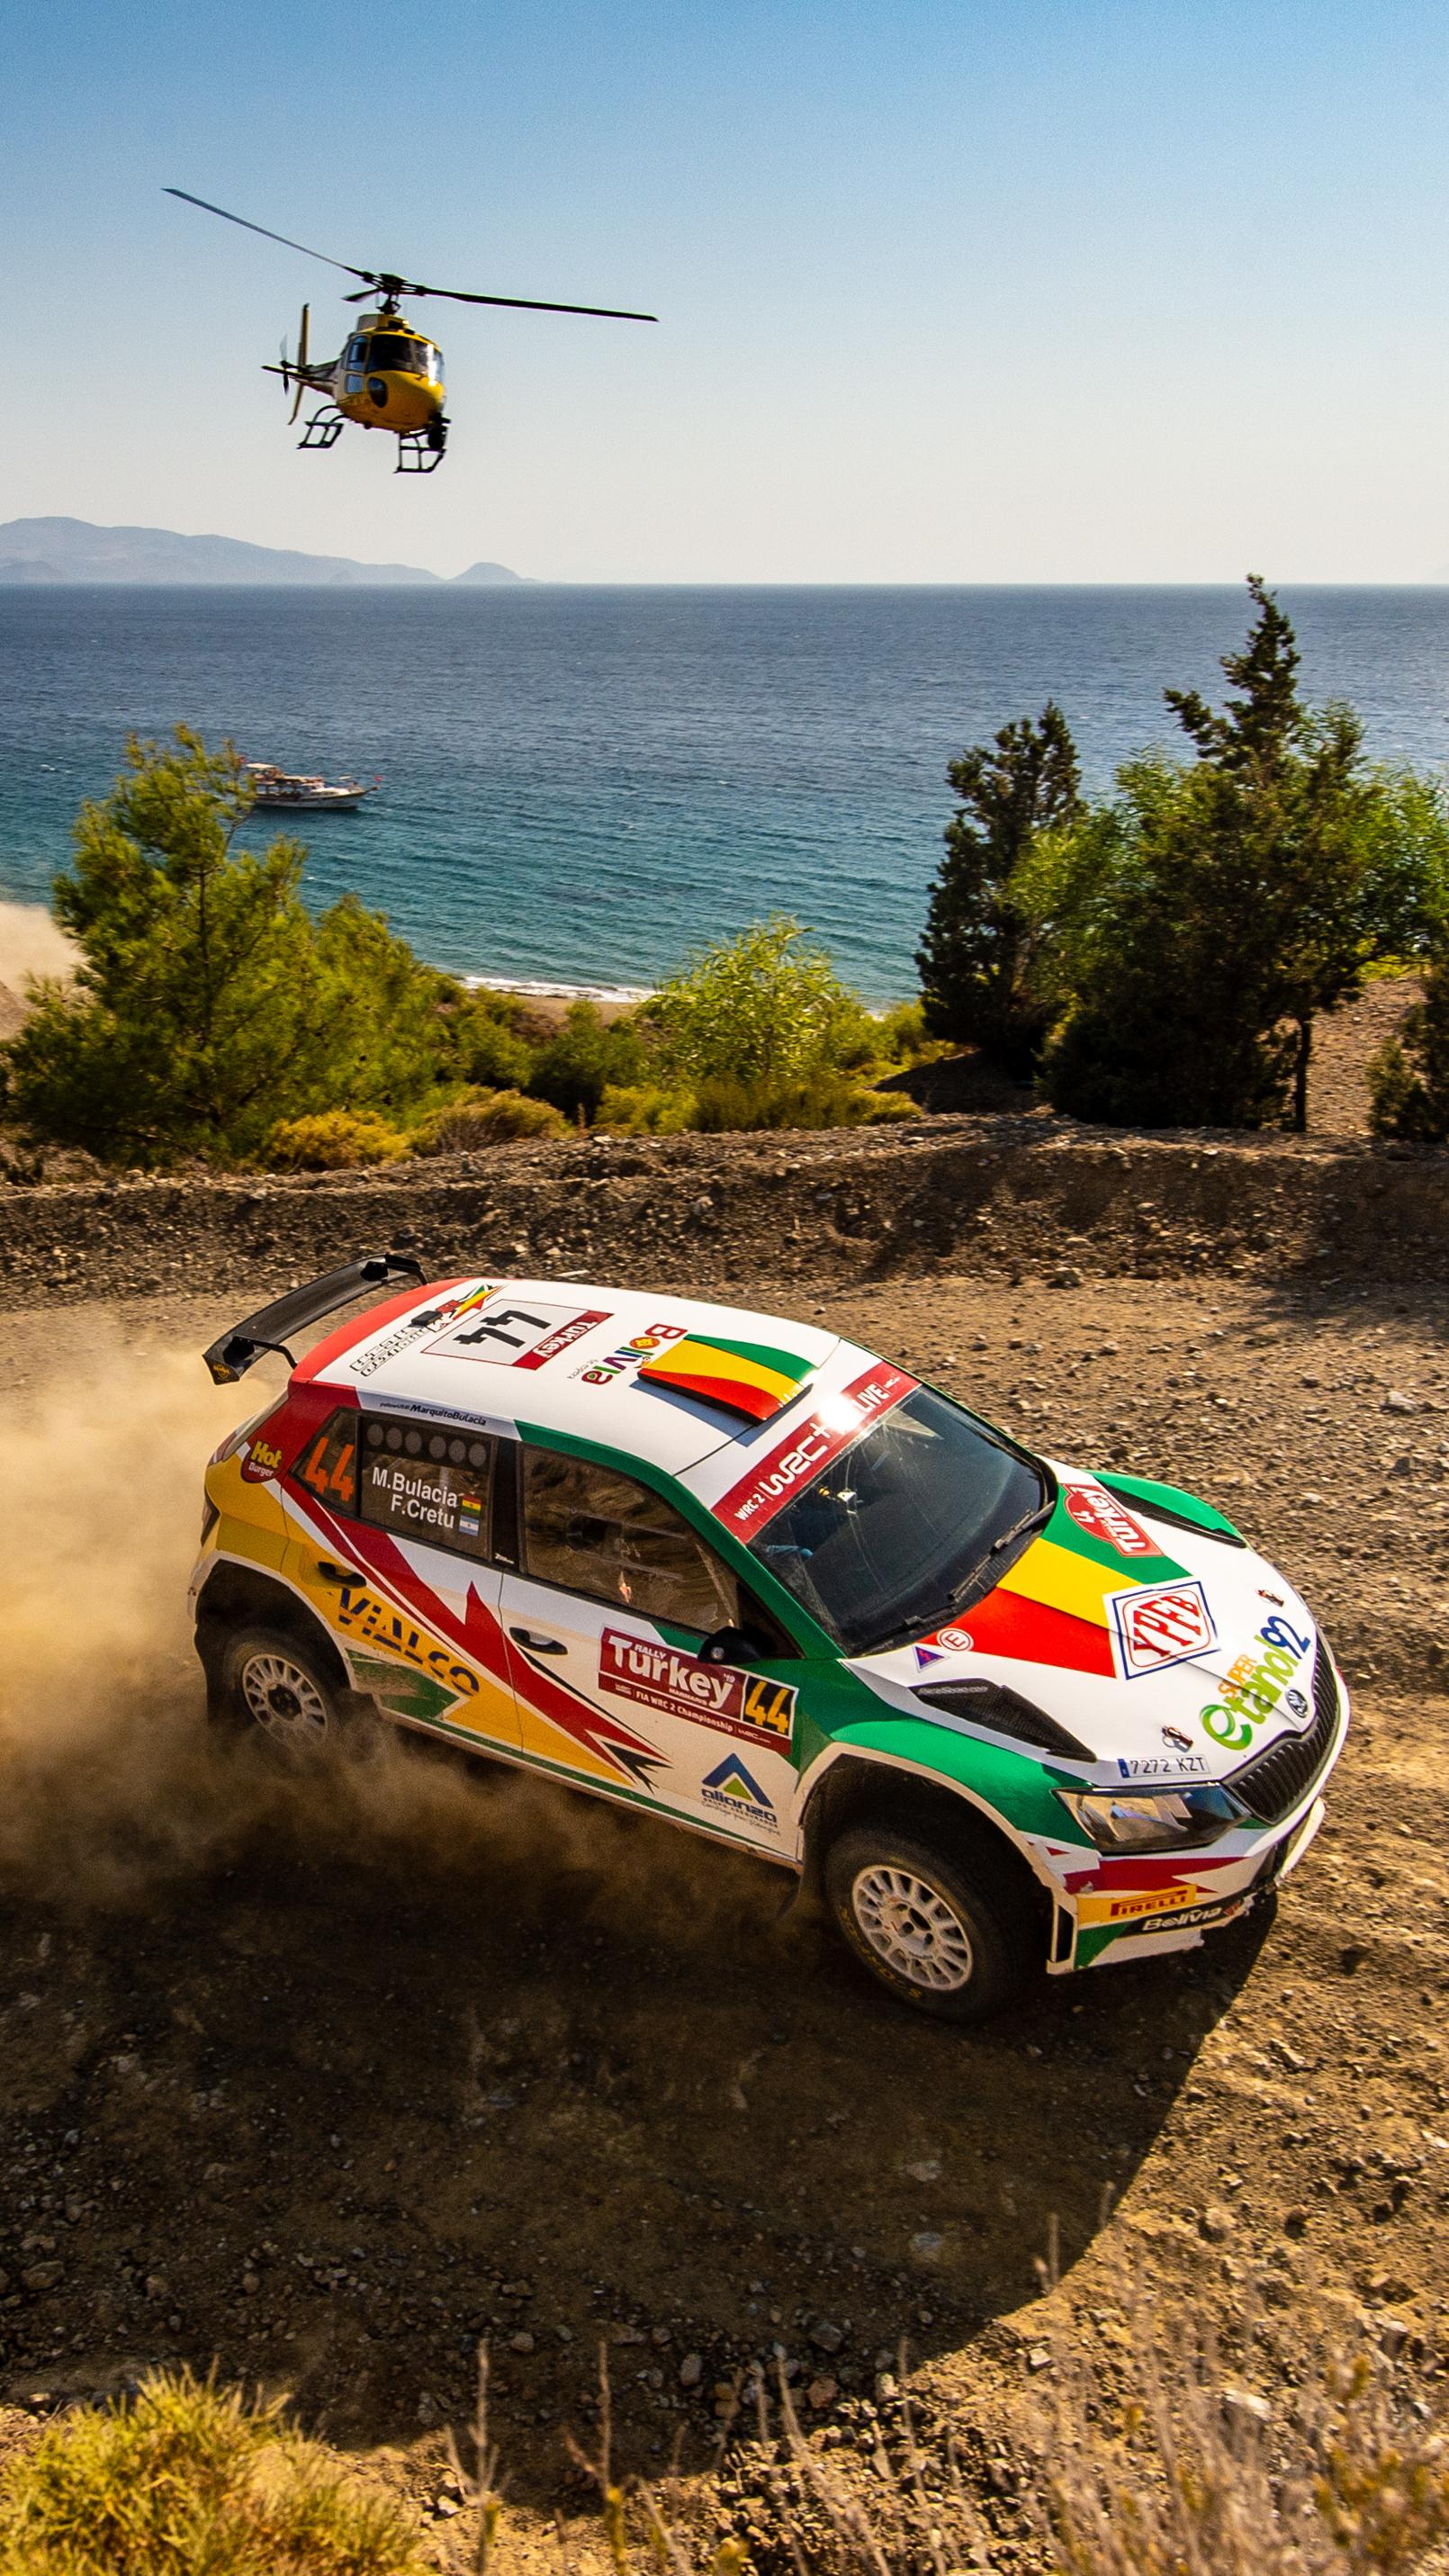 A Rallying Bestseller Skoda Fabia R5 Reaches 300 Sales Skoda Motorsport